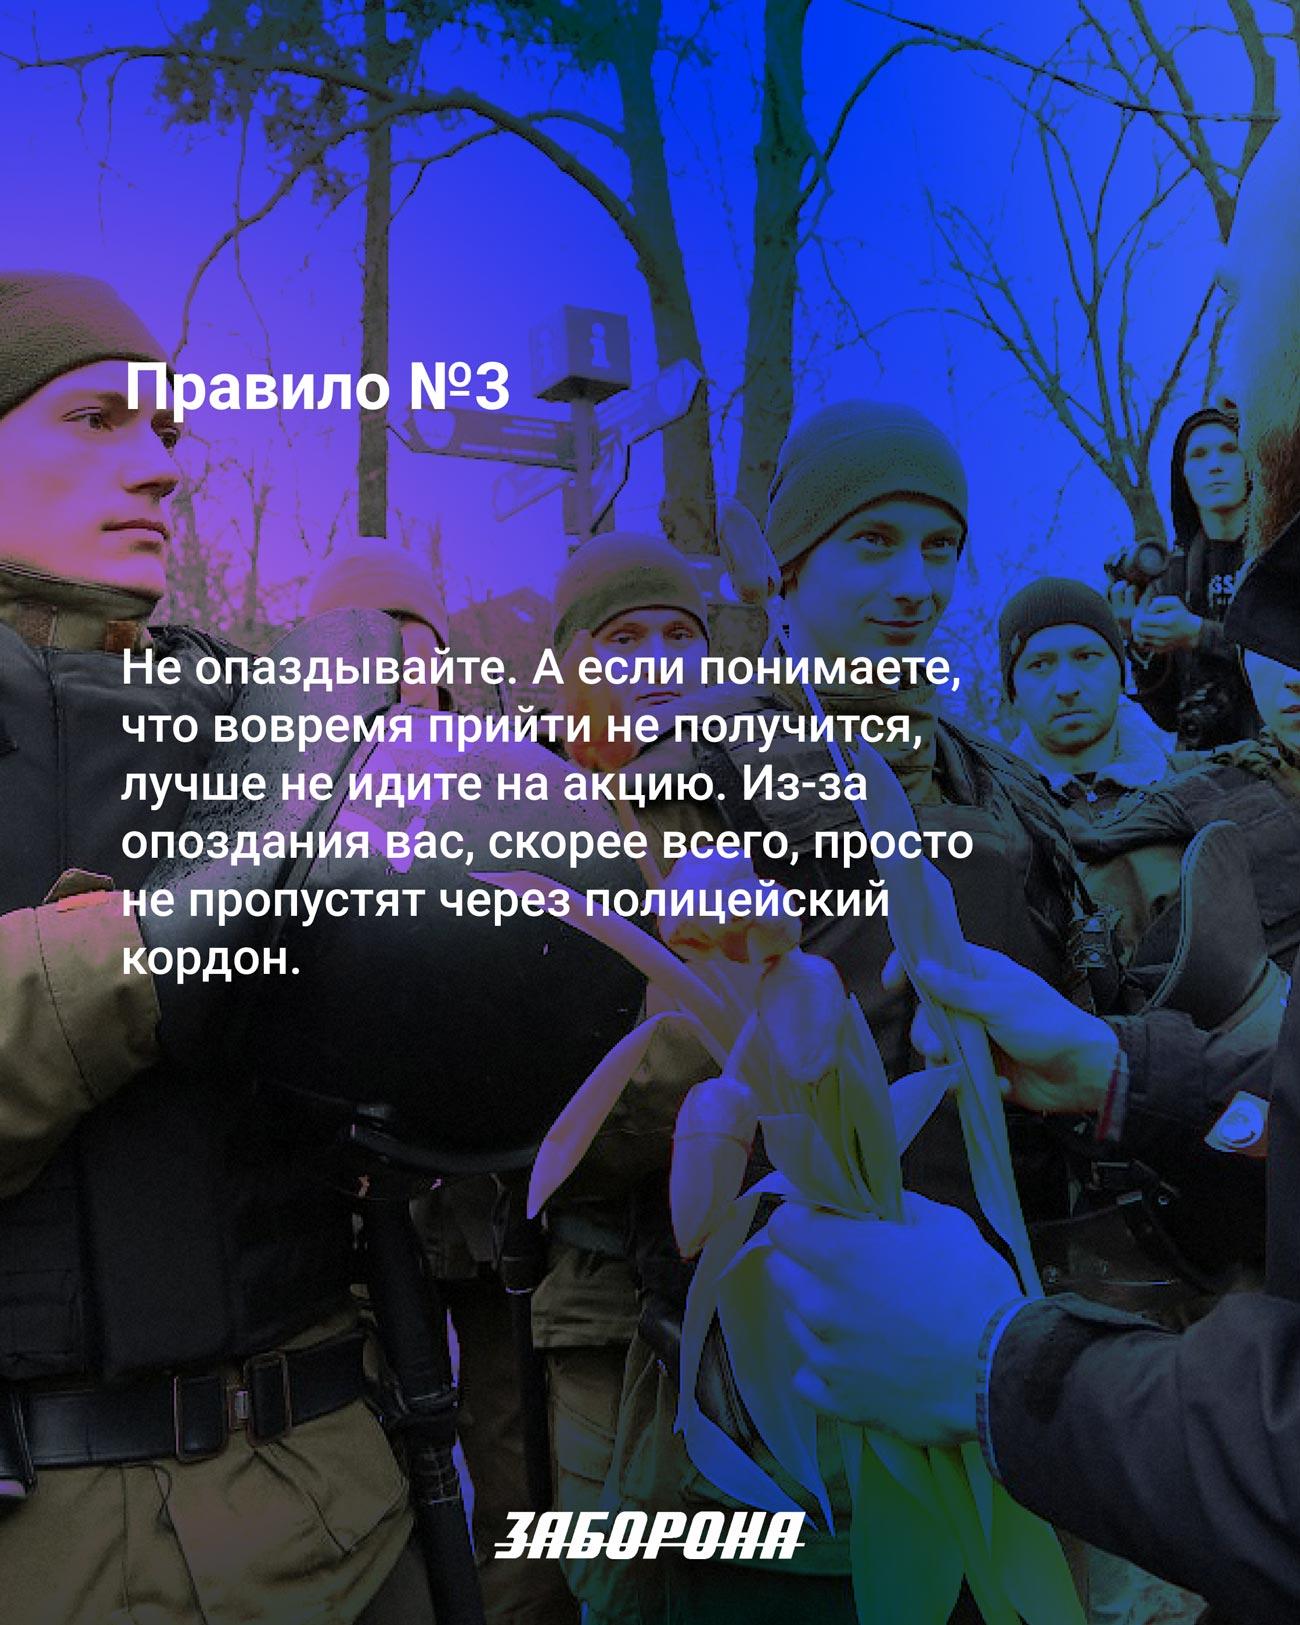 women march cards rule 3 ru - <b>Как сходить на марш и вернуться невредимой.</b> Краткая инструкция по безопасности - Заборона